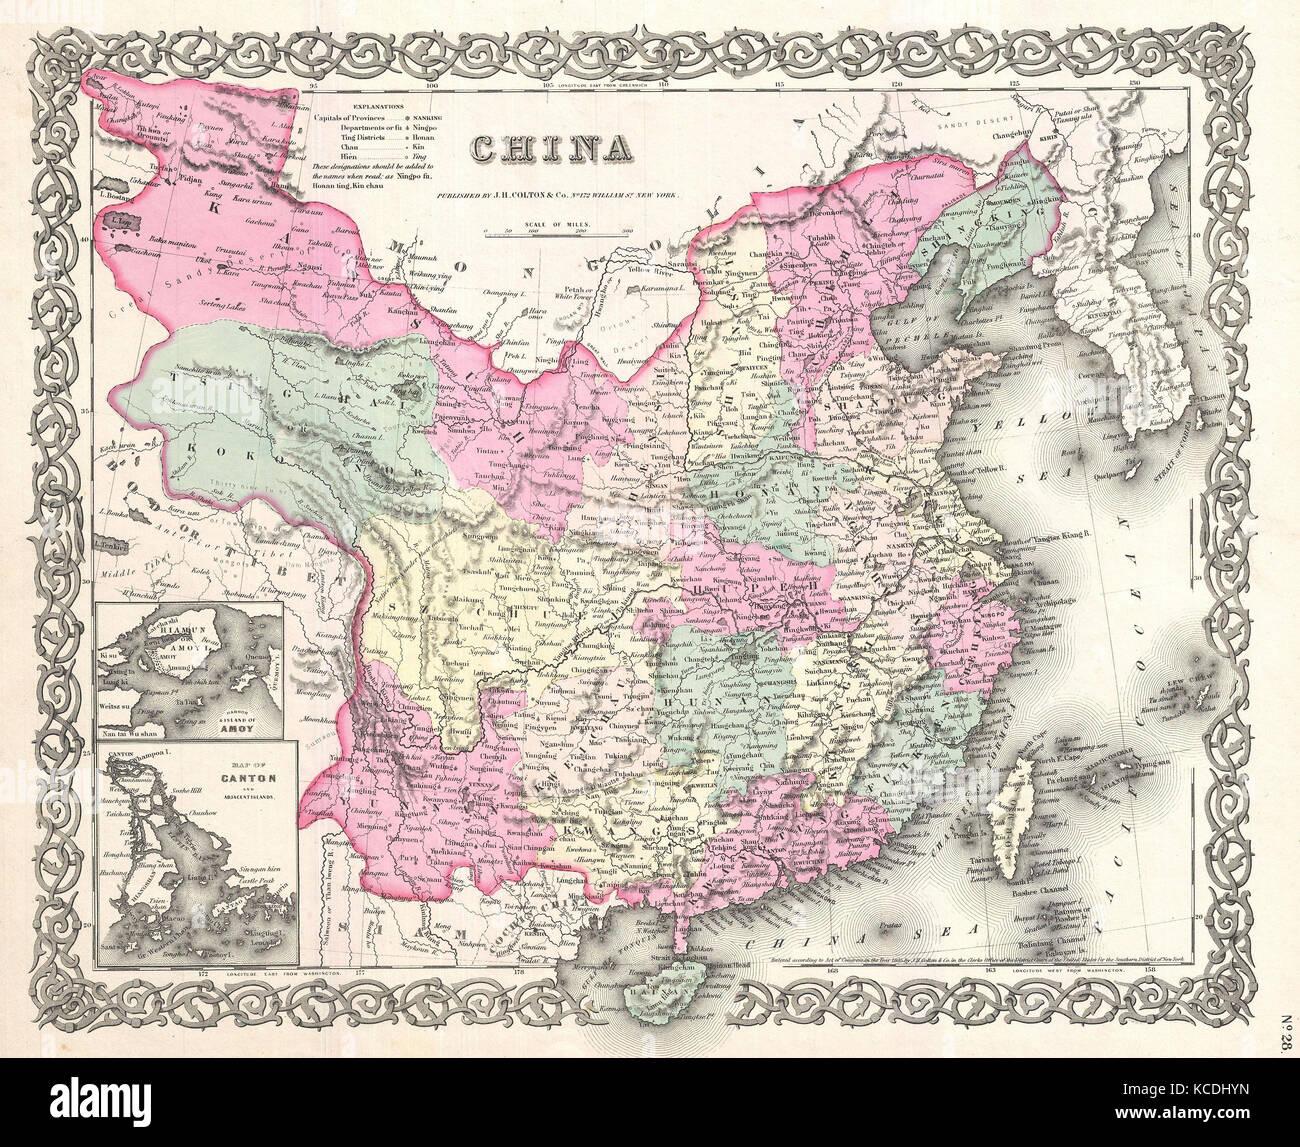 Taiwan map stock photos taiwan map stock images alamy 1855 colton map of china taiwan and korea stock image gumiabroncs Choice Image